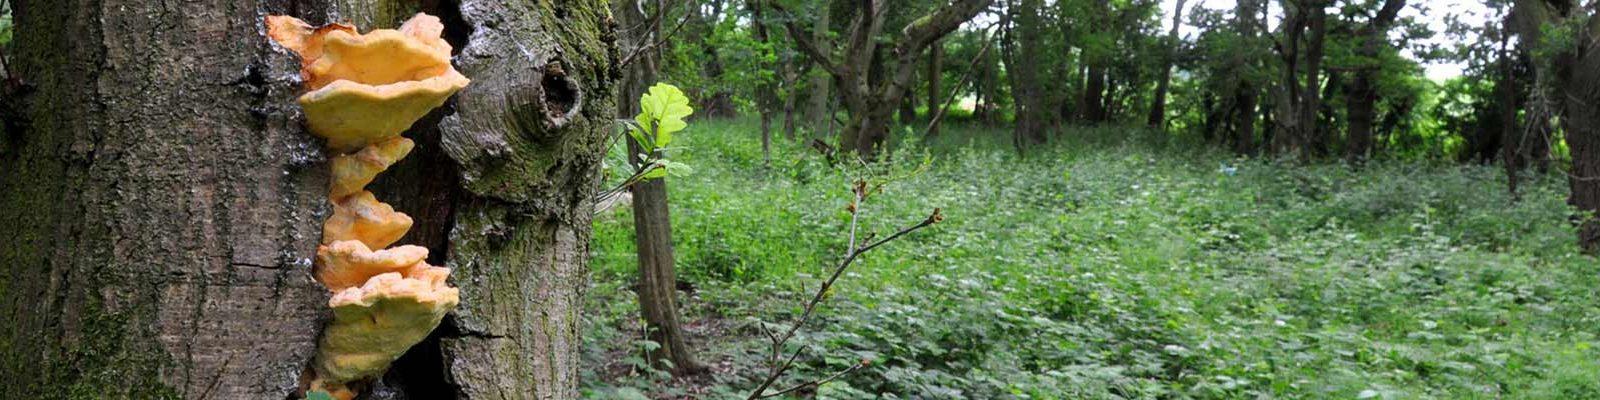 fungi-on-tree